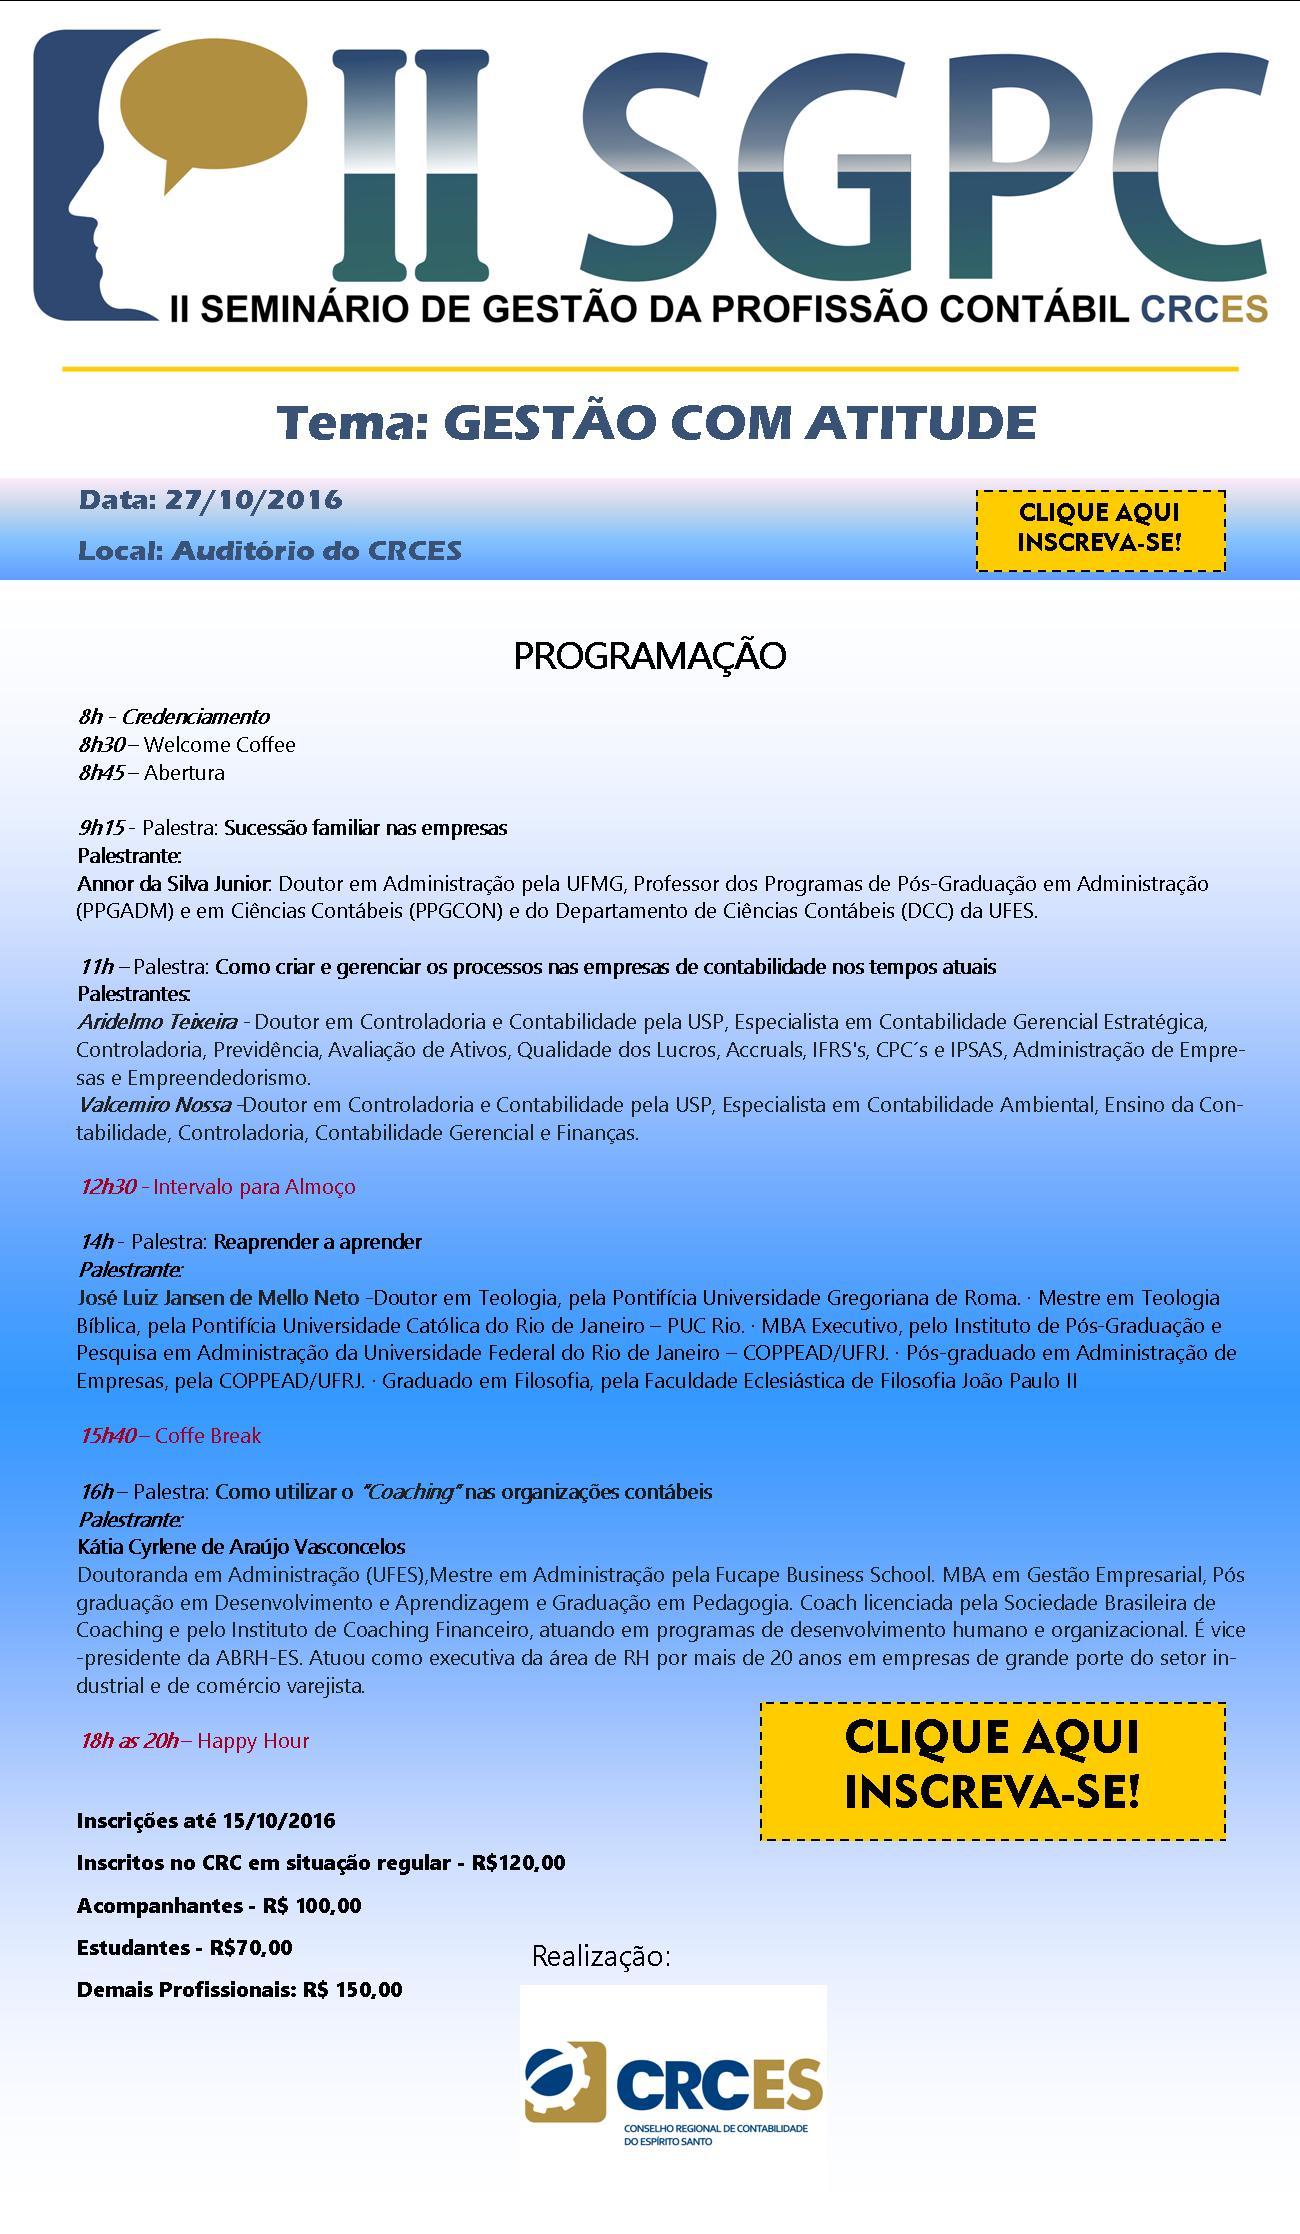 programacao__ii_seminario_gestao